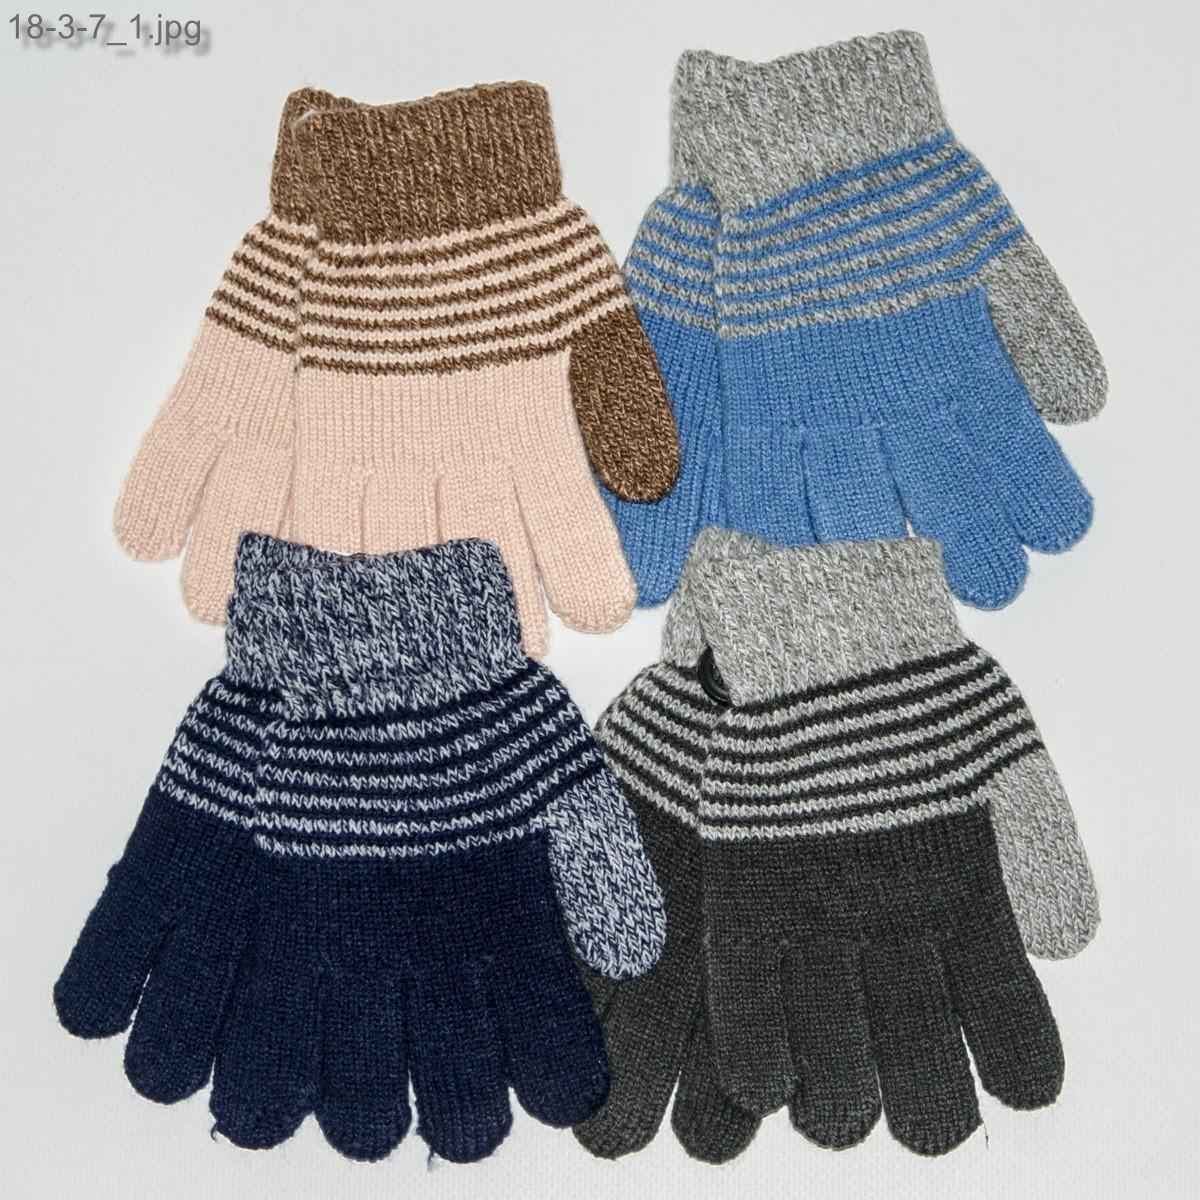 Оптом детские перчатки для мальчиков 2-4 лет - №18-3-7